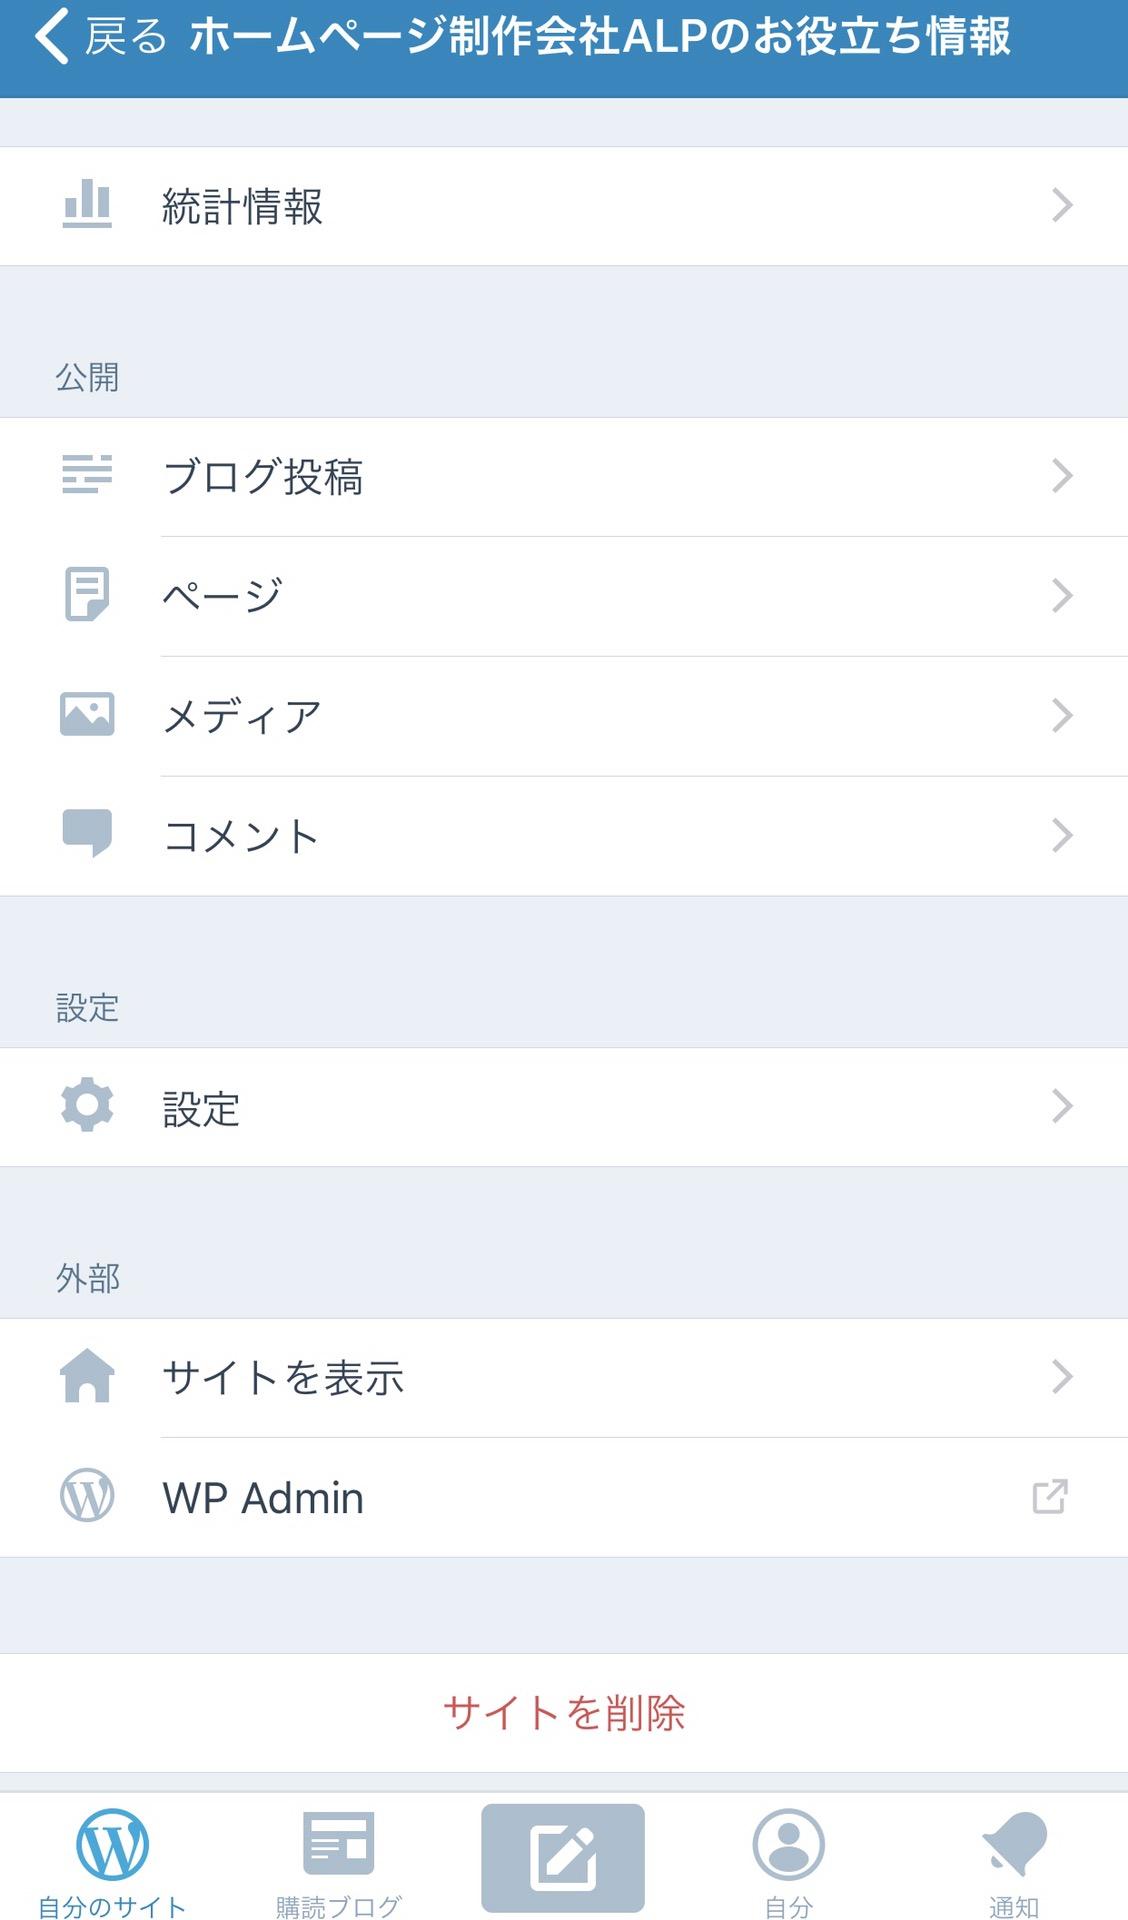 ワードプレス アプリ